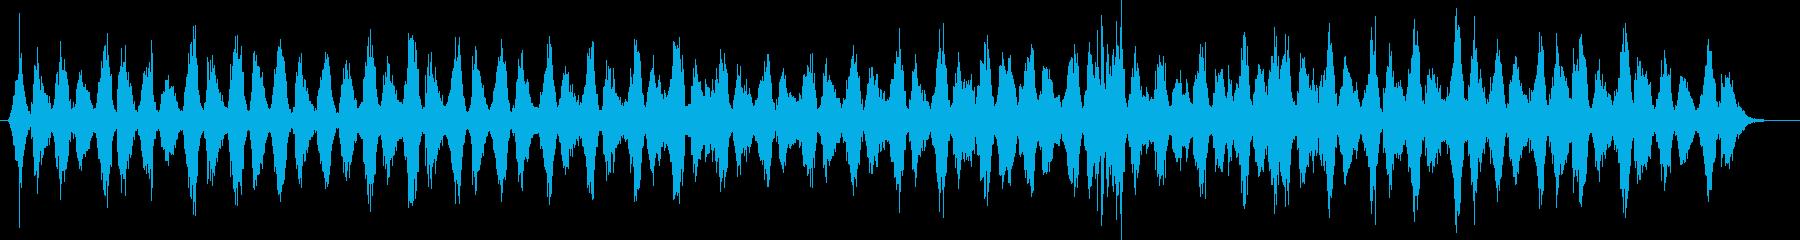 ハックソー:金属パイプの切断、のこ...の再生済みの波形